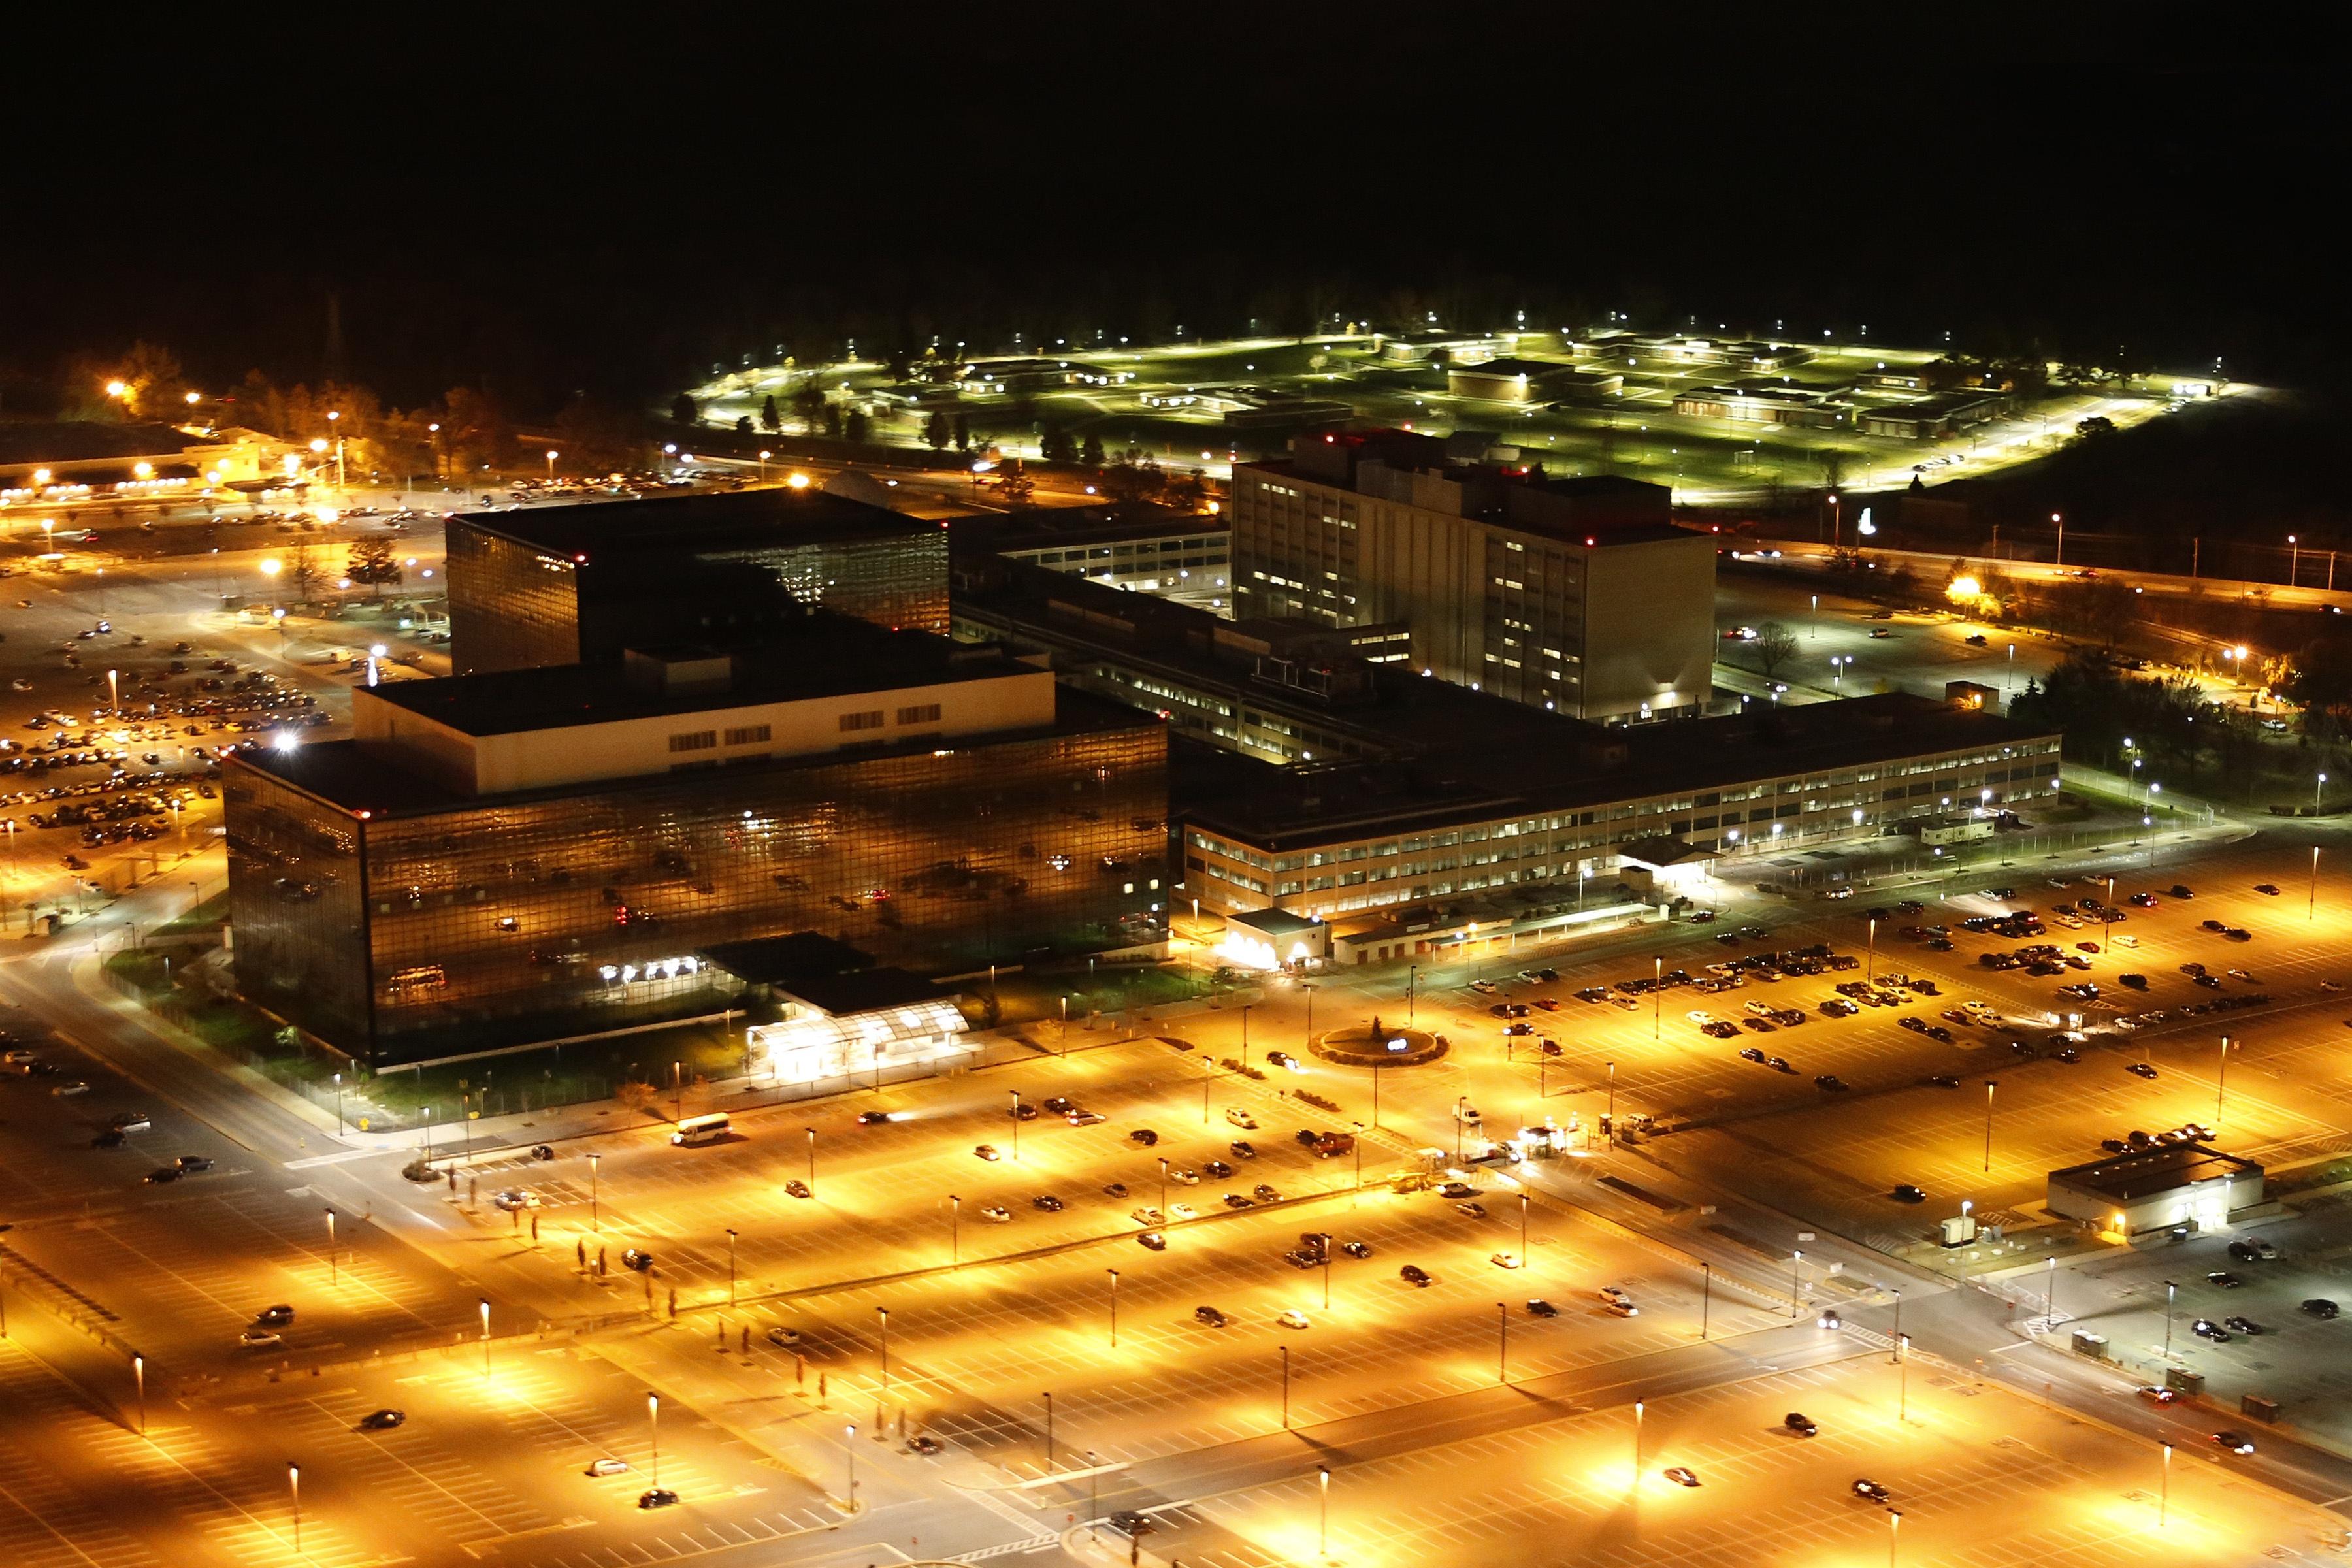 NSA photo by Trevor Paglen